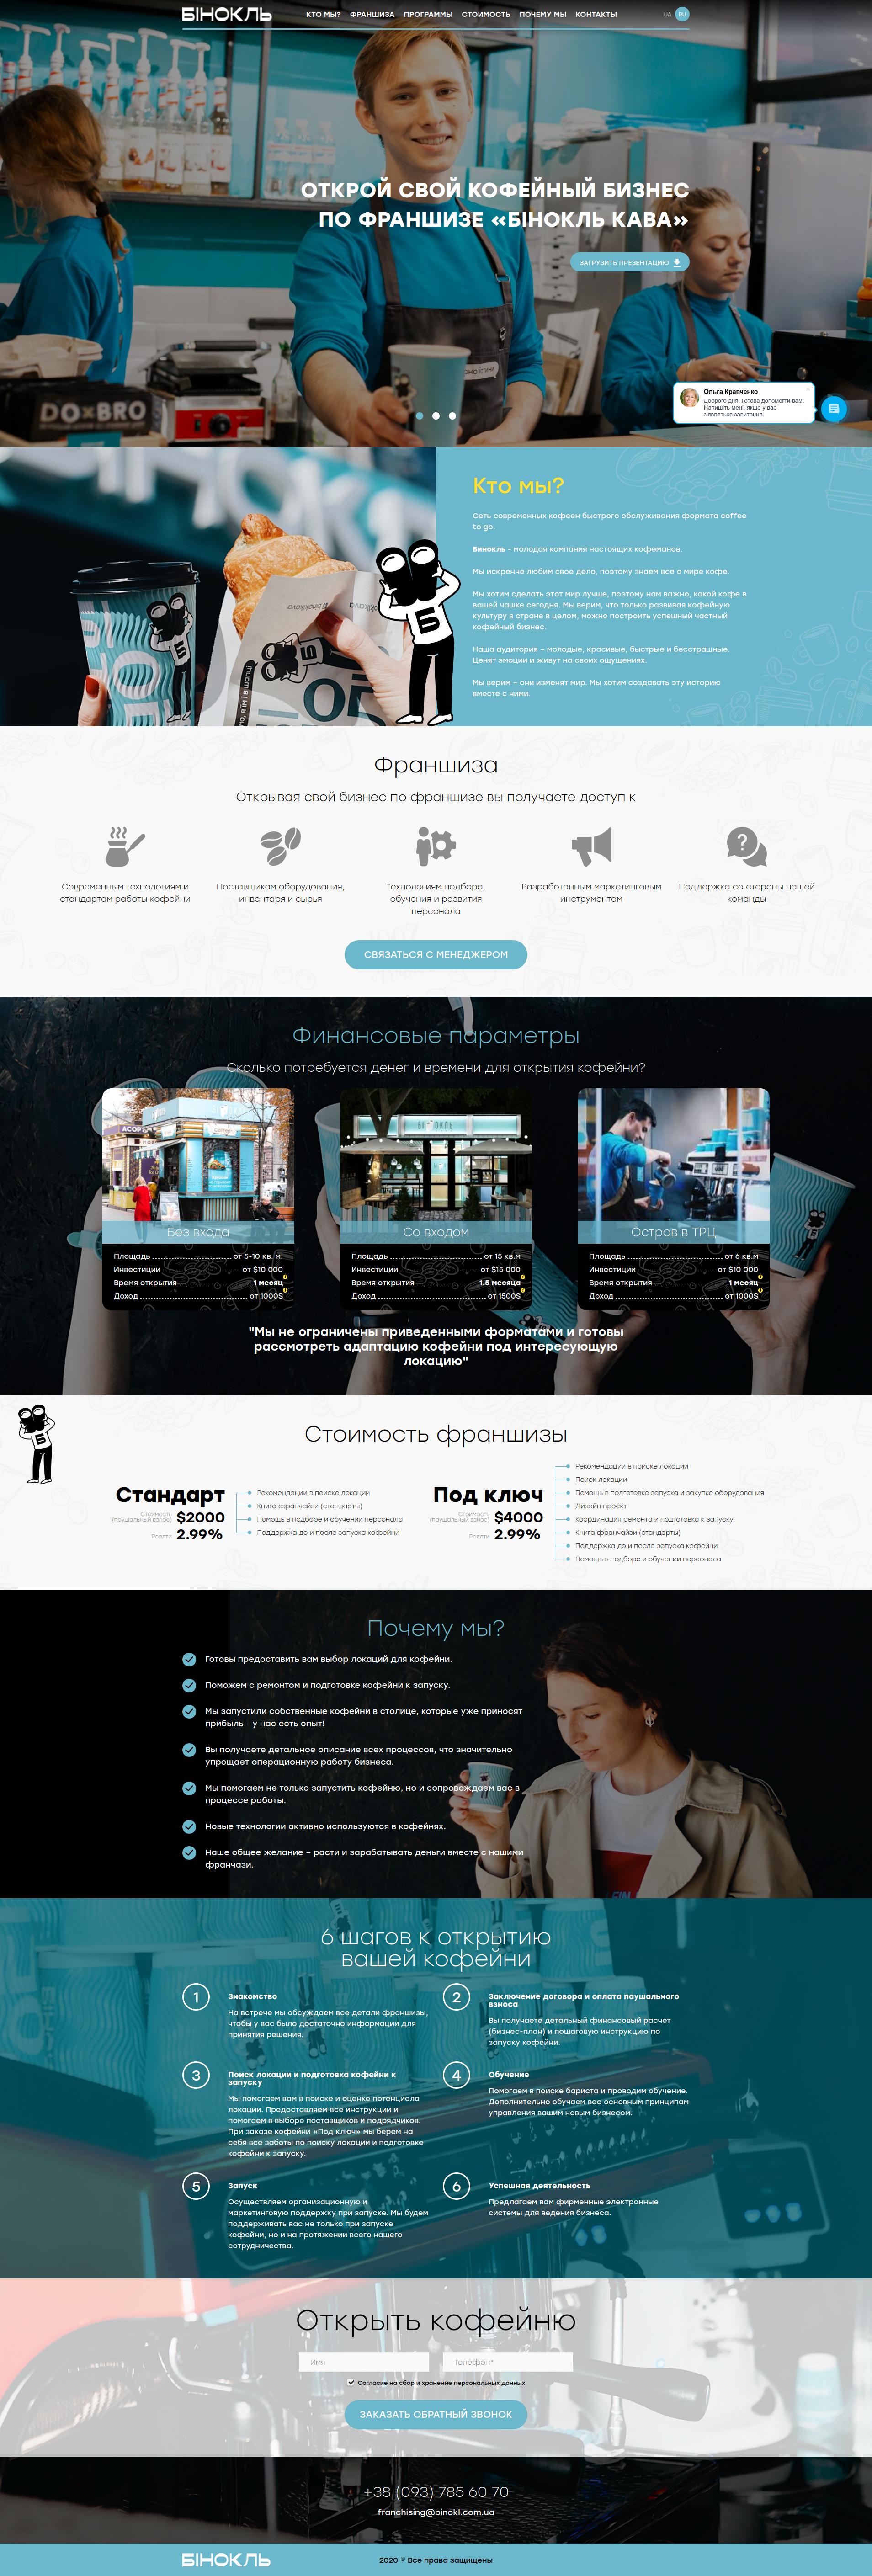 Фото Одностраничный сайт для компании по продаже кофейной франшизы. Уникальный дизайн, адаптивная верстка под все экраны мониторов